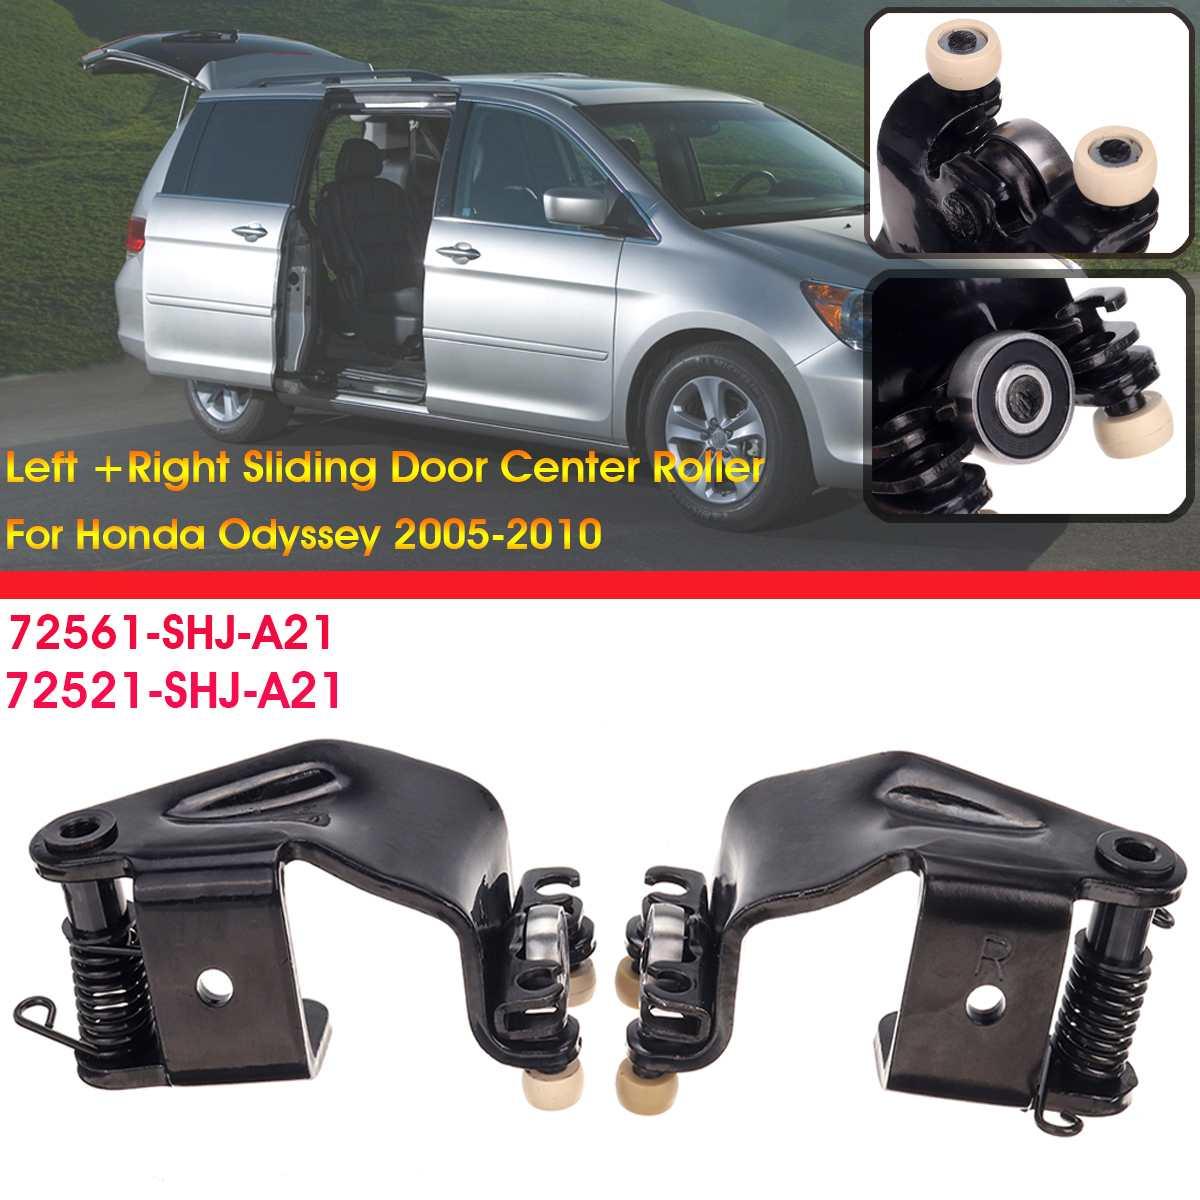 Sliding Center Male Door Roller for Honda for Odyssey 2005-2010 72521SHJA21 Right LeftSliding Center Male Door Roller for Honda for Odyssey 2005-2010 72521SHJA21 Right Left